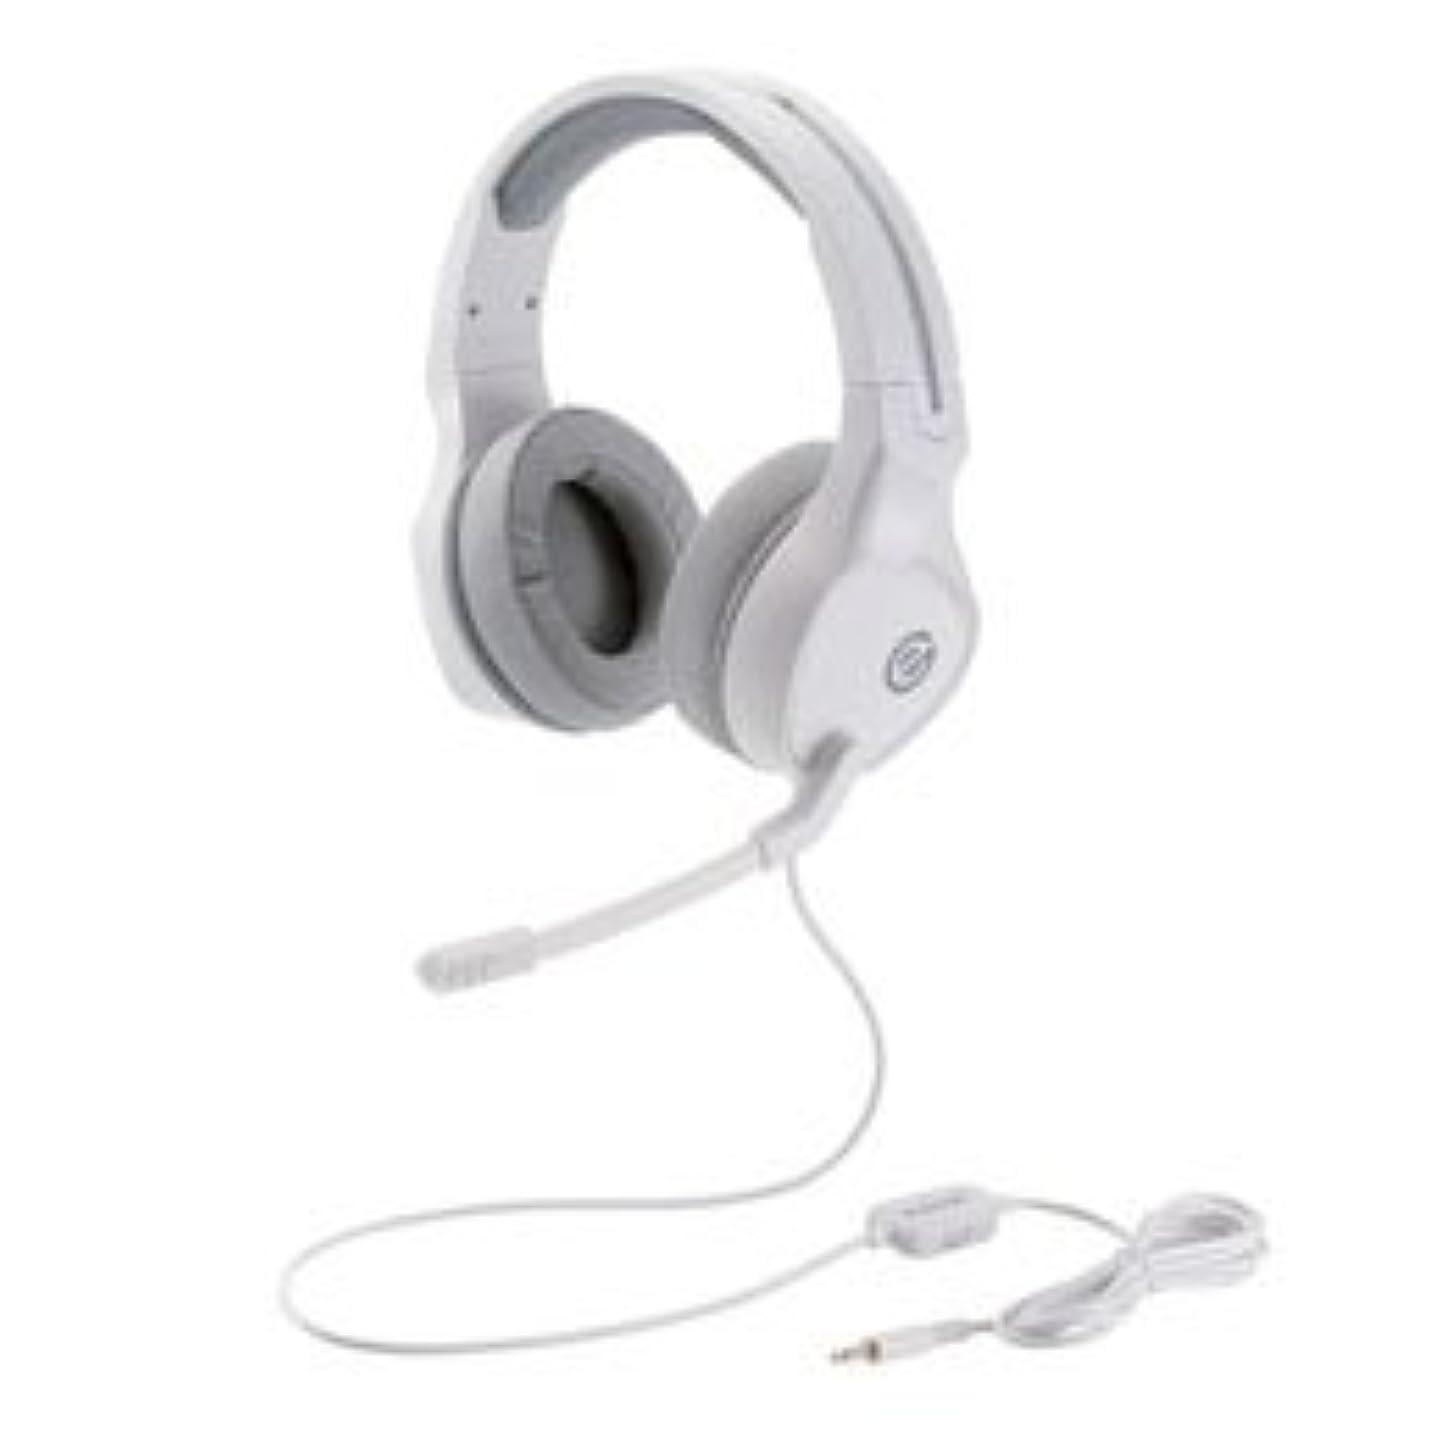 批判的に費用医師(4個まとめ売り) エレコム ゲーミングヘッドセット 両耳オーバーヘッド 4極ミニプラグ 50mmドライバ 極厚イヤーパッド コントローラ付属 ホワイト HS-G01WH